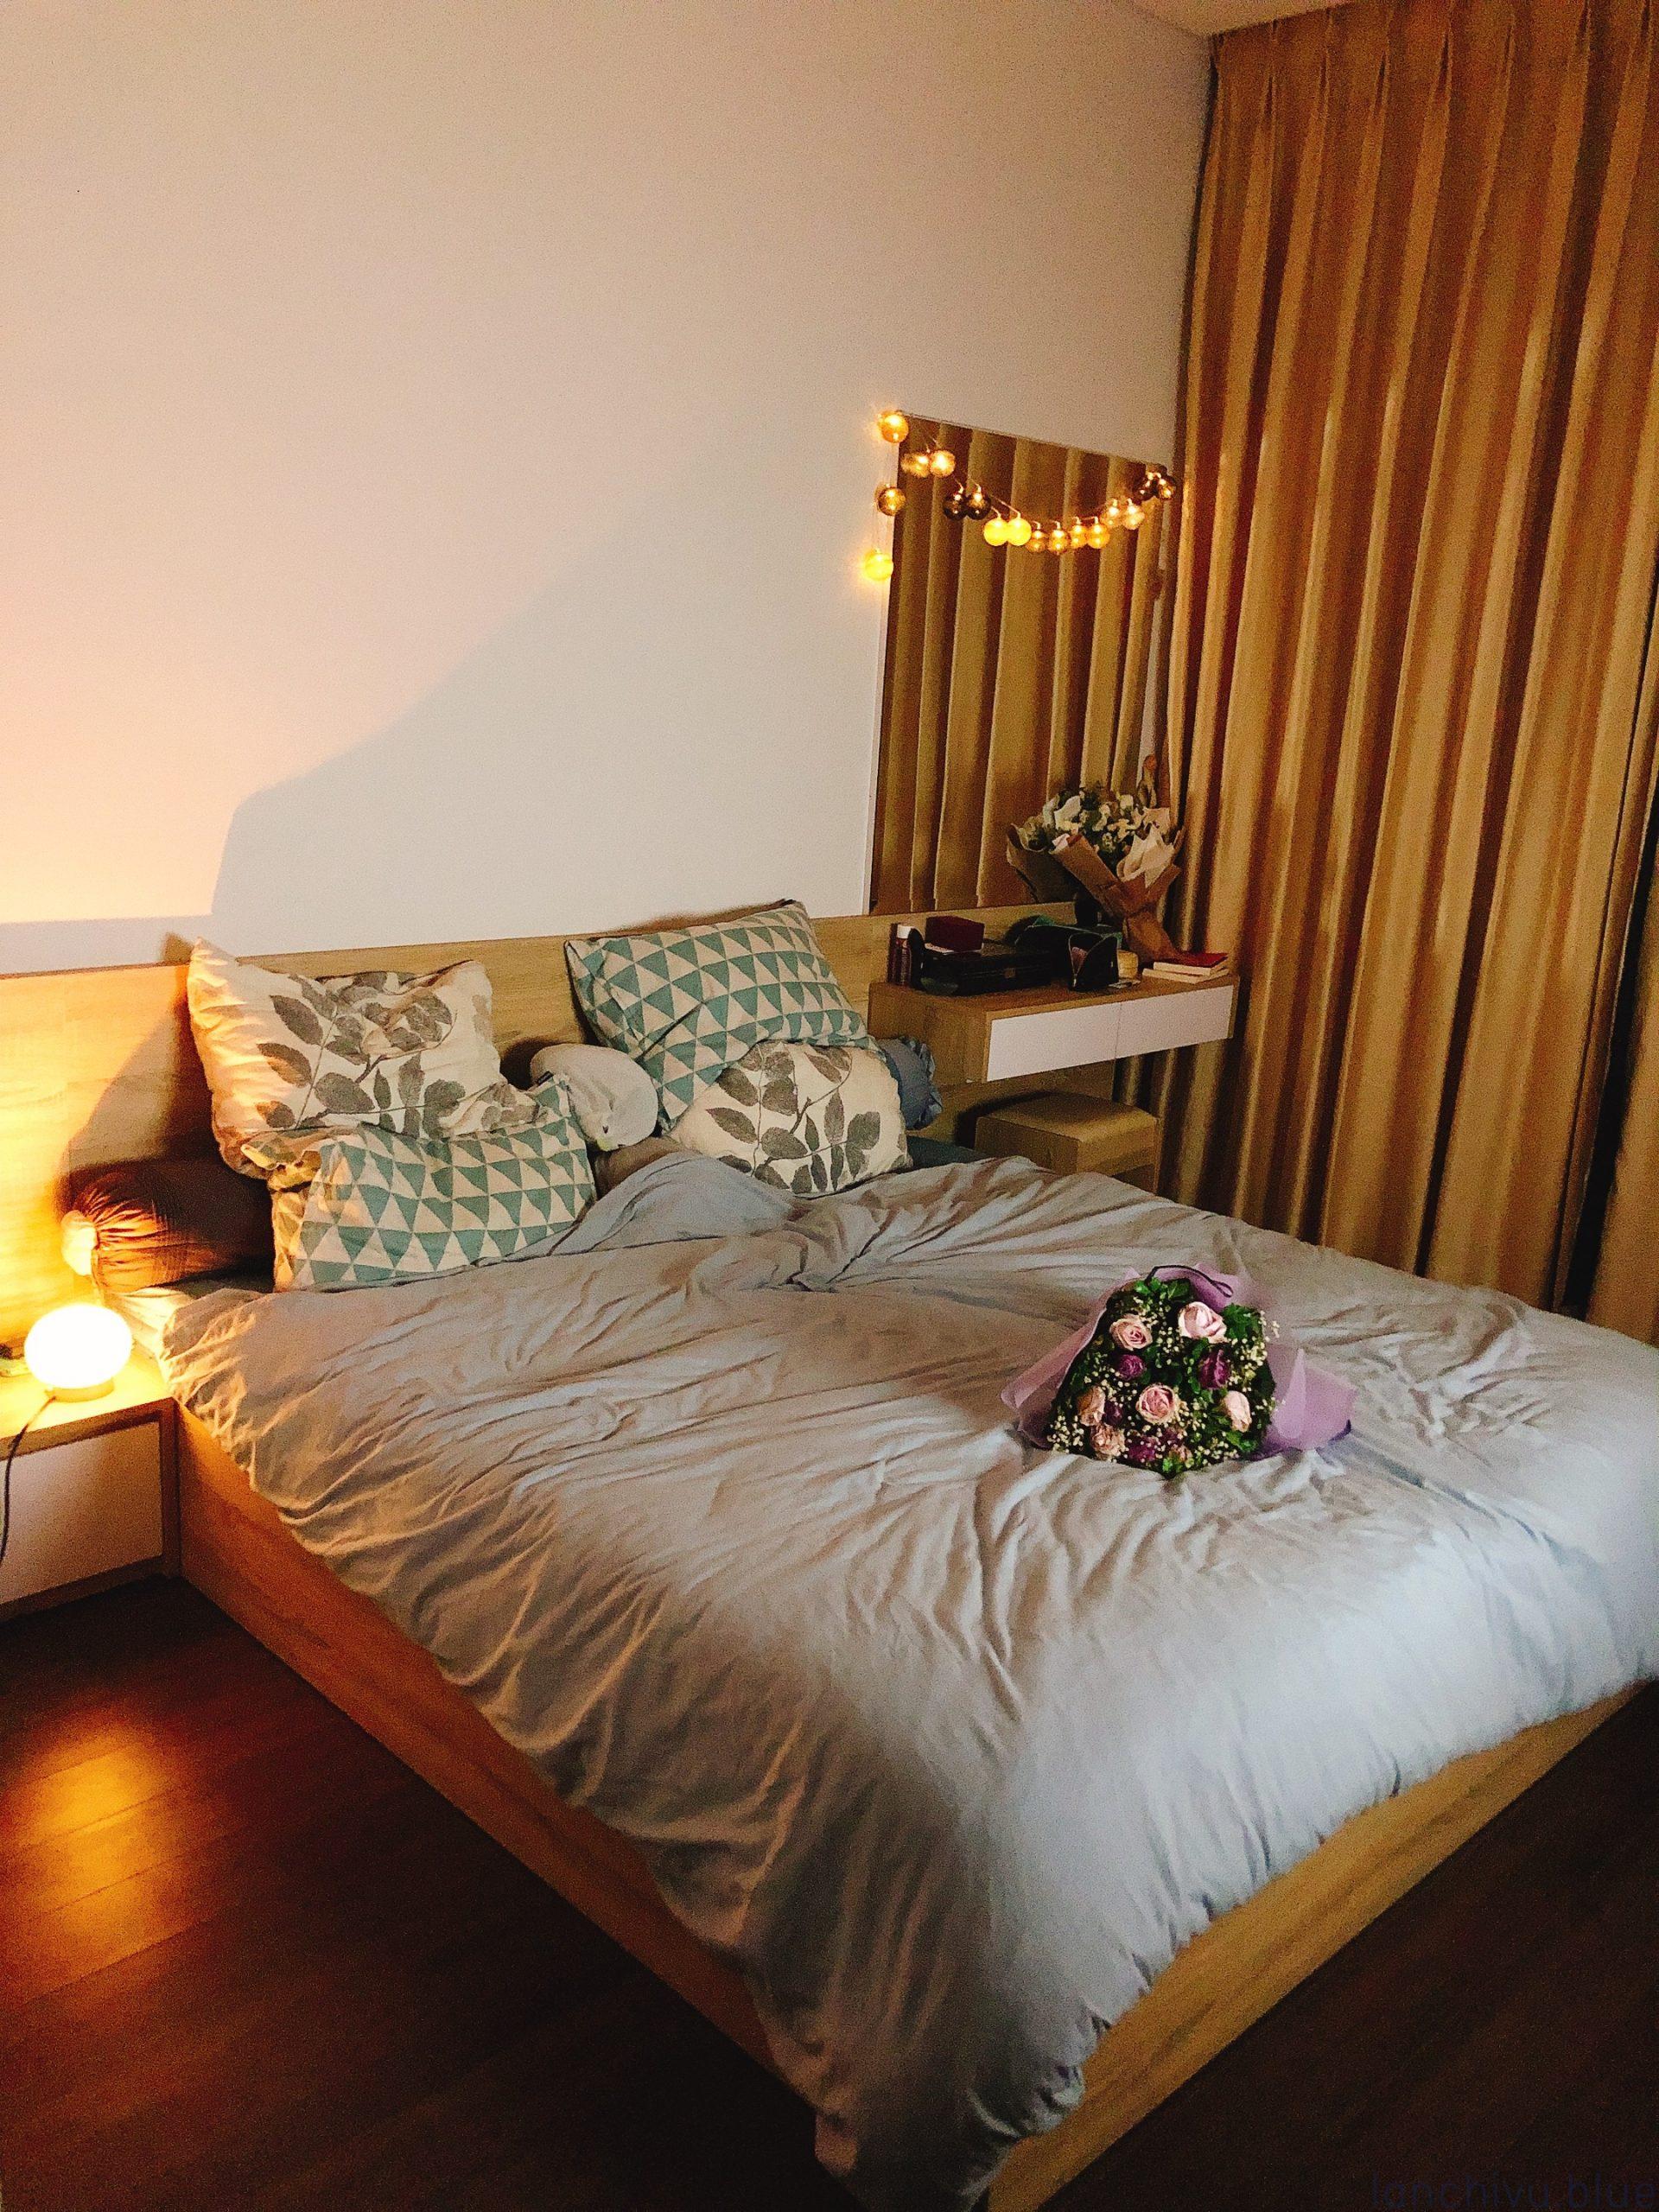 4 cách trang trí phòng ngủ nhỏ đẹp như trong phim